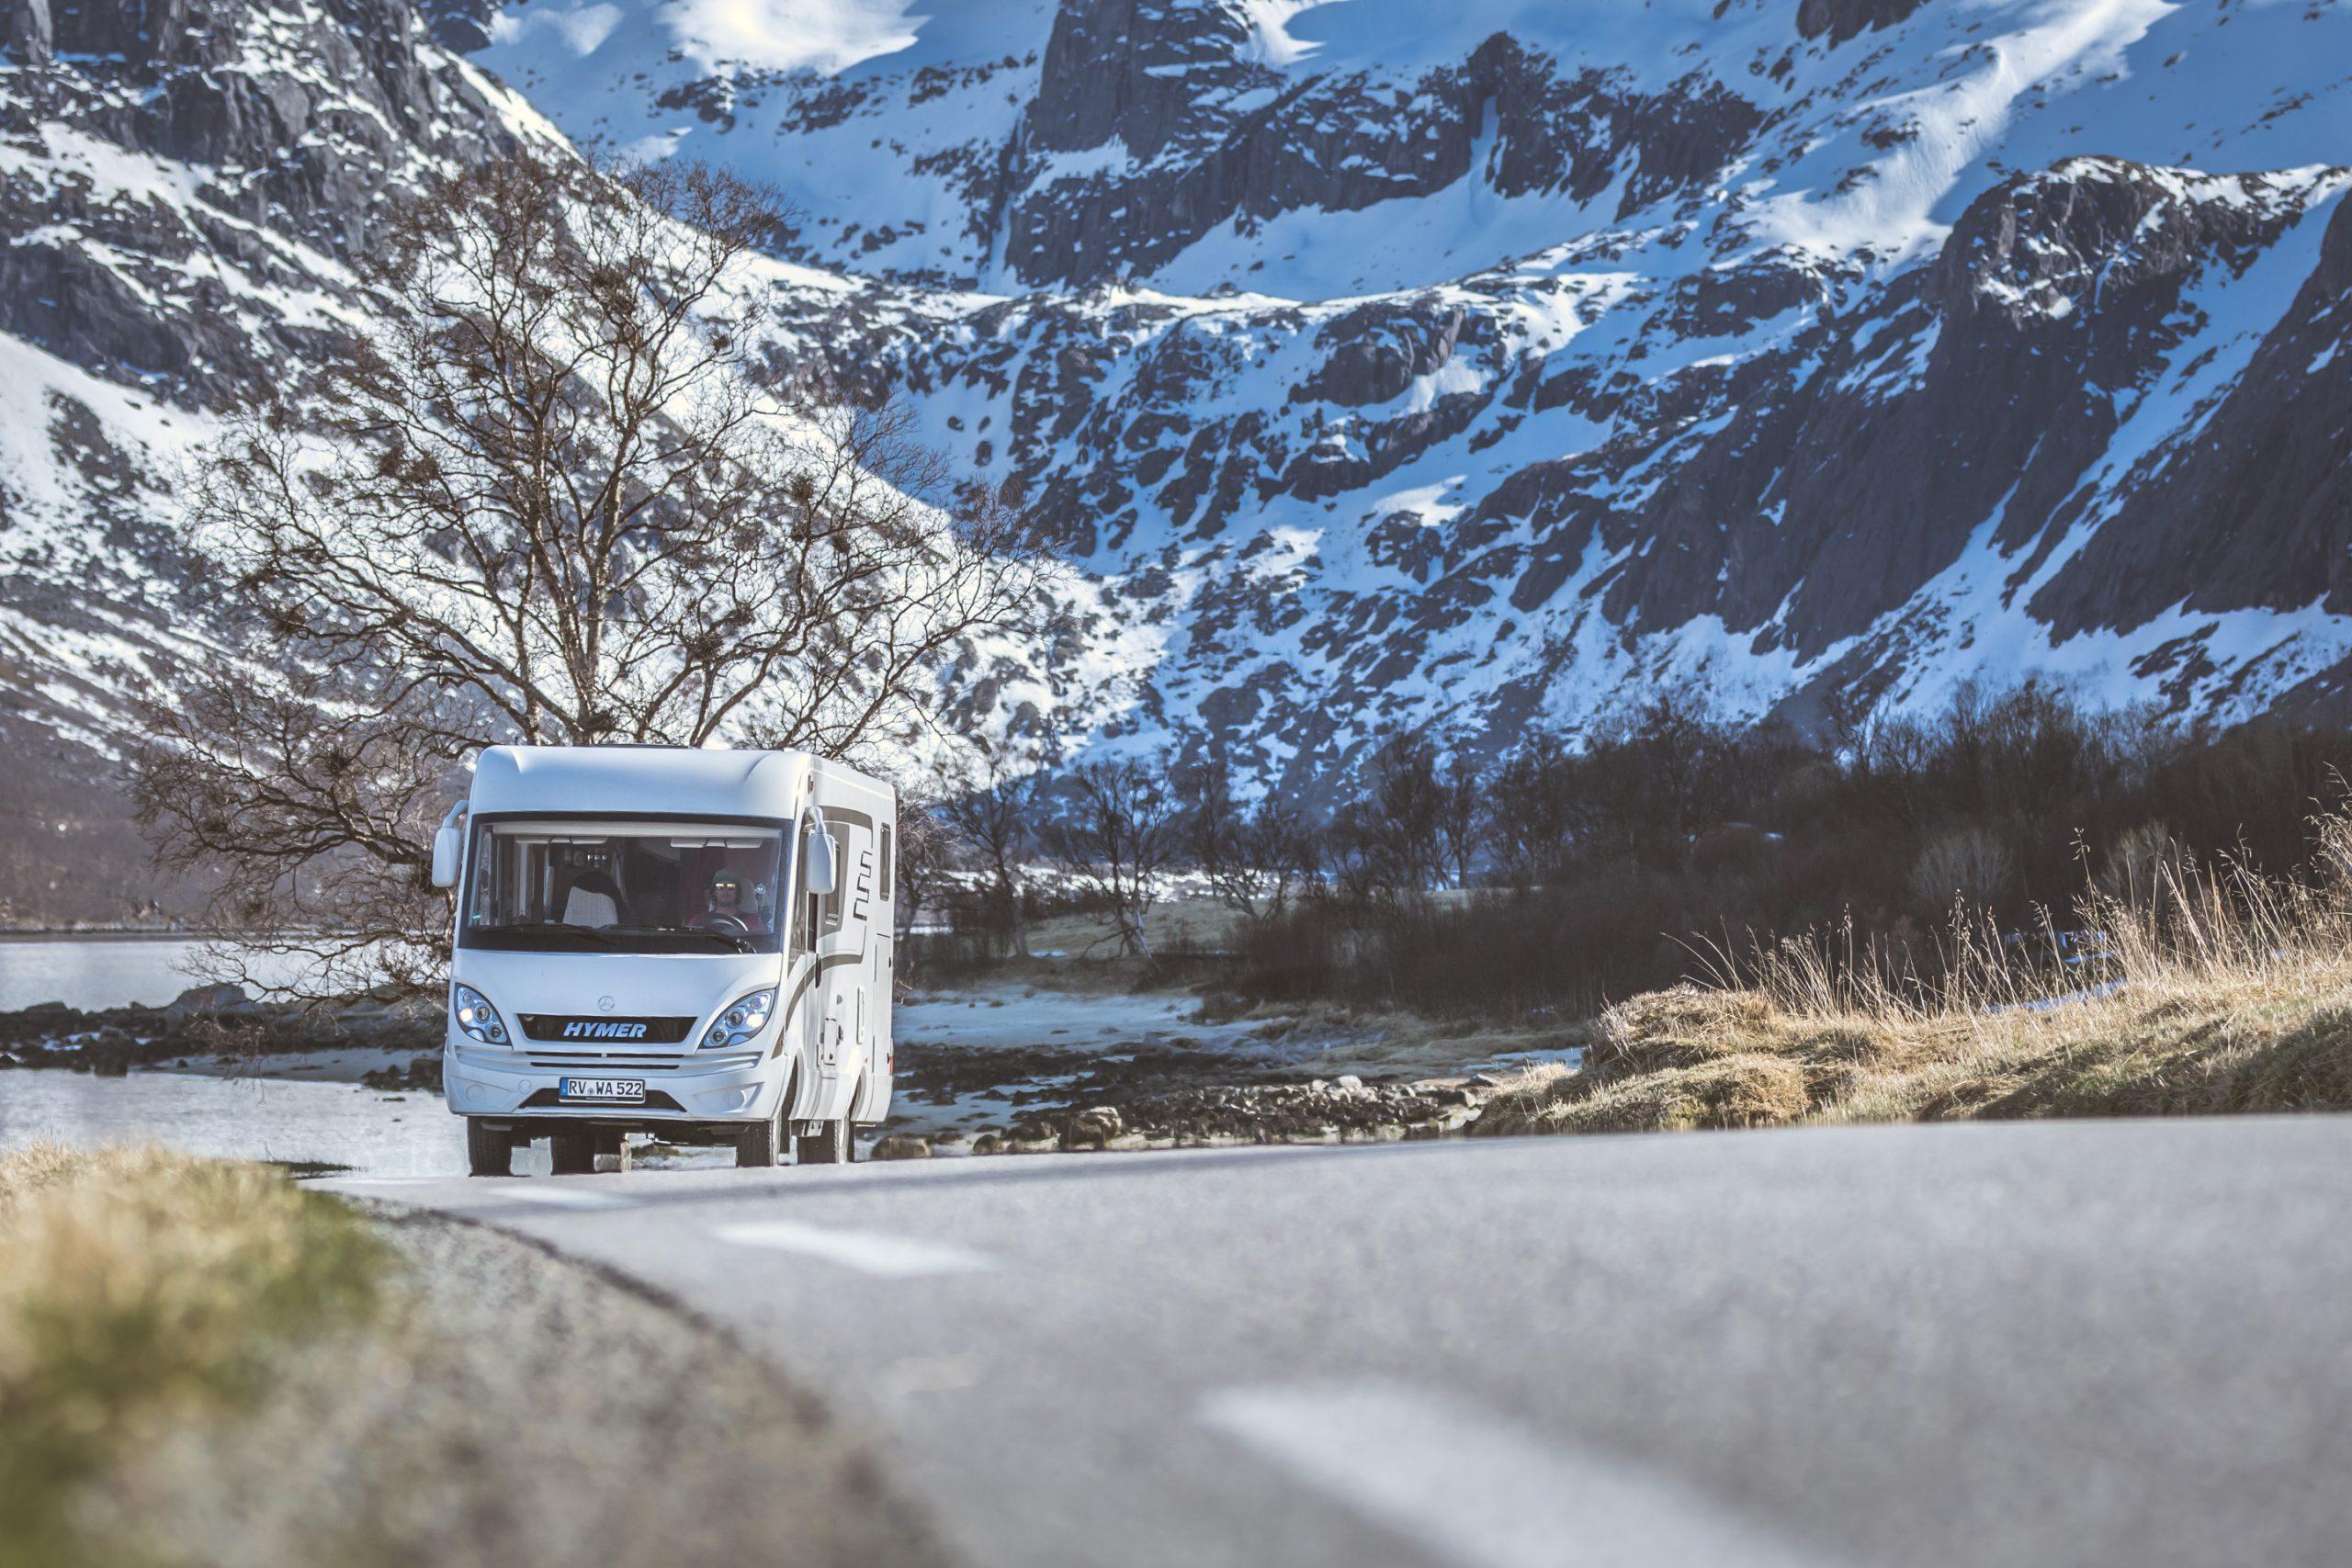 Hymer Mercedes Wohnmobil in Norwegen auf der Landstraße